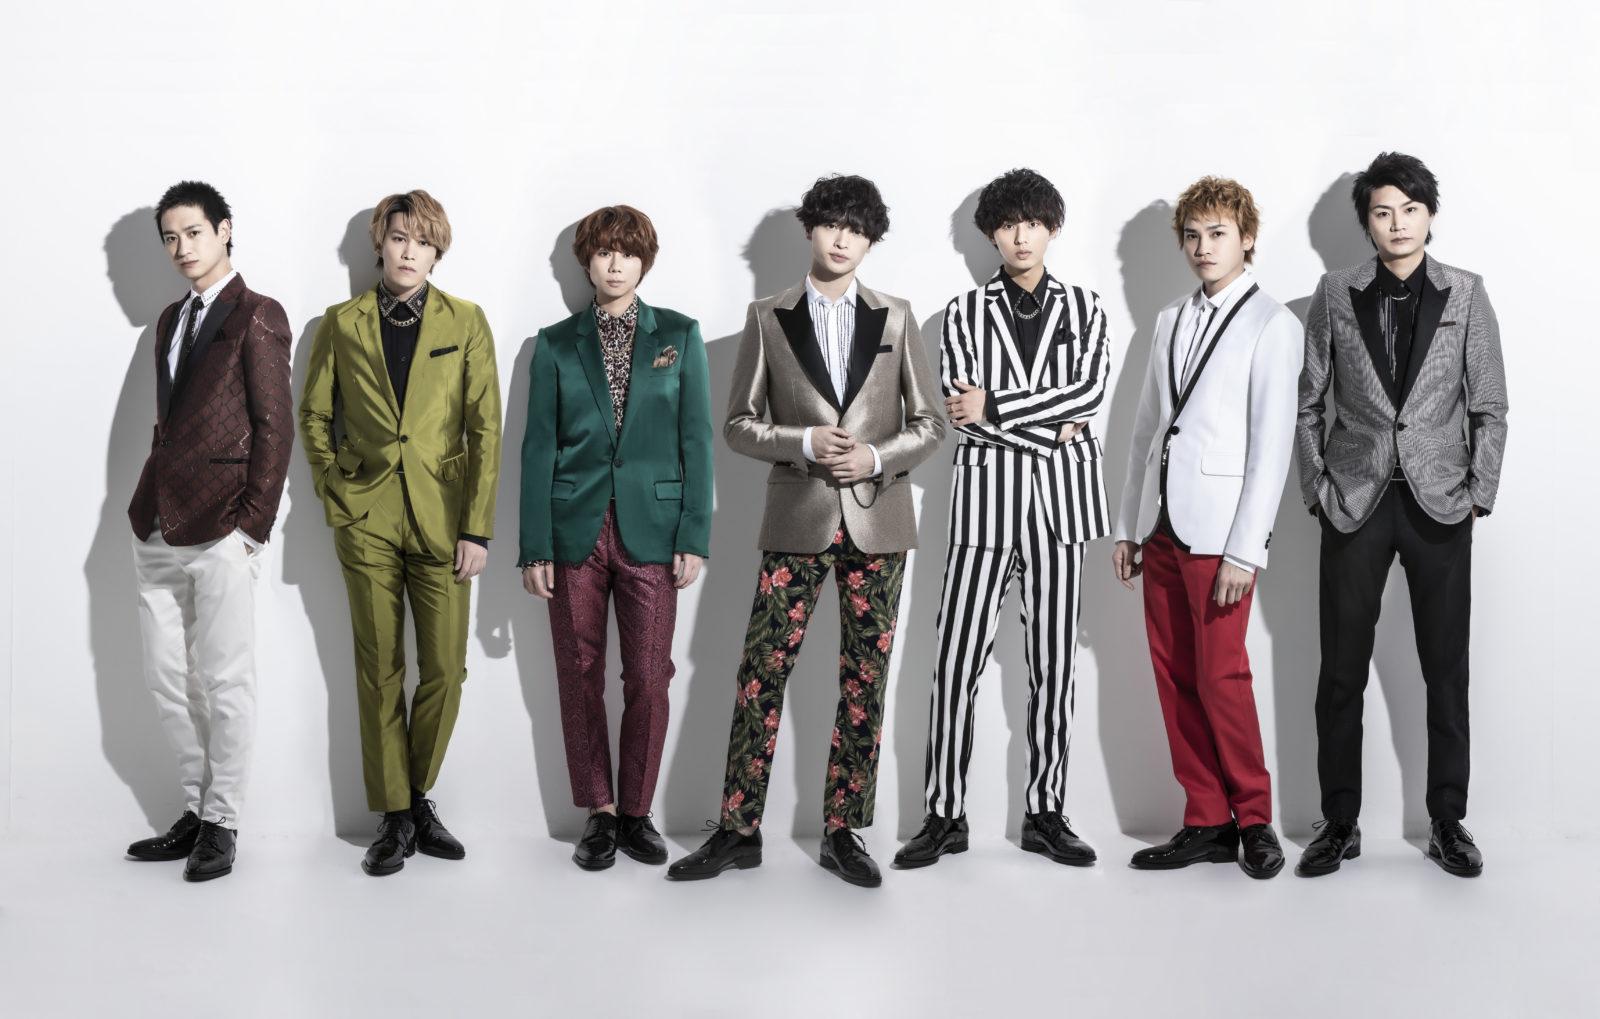 Kis-My-Ft2新曲「Edge of Days」、北山宏光主演ドラマ『ミリオンジョー』主題歌としてリリースサムネイル画像